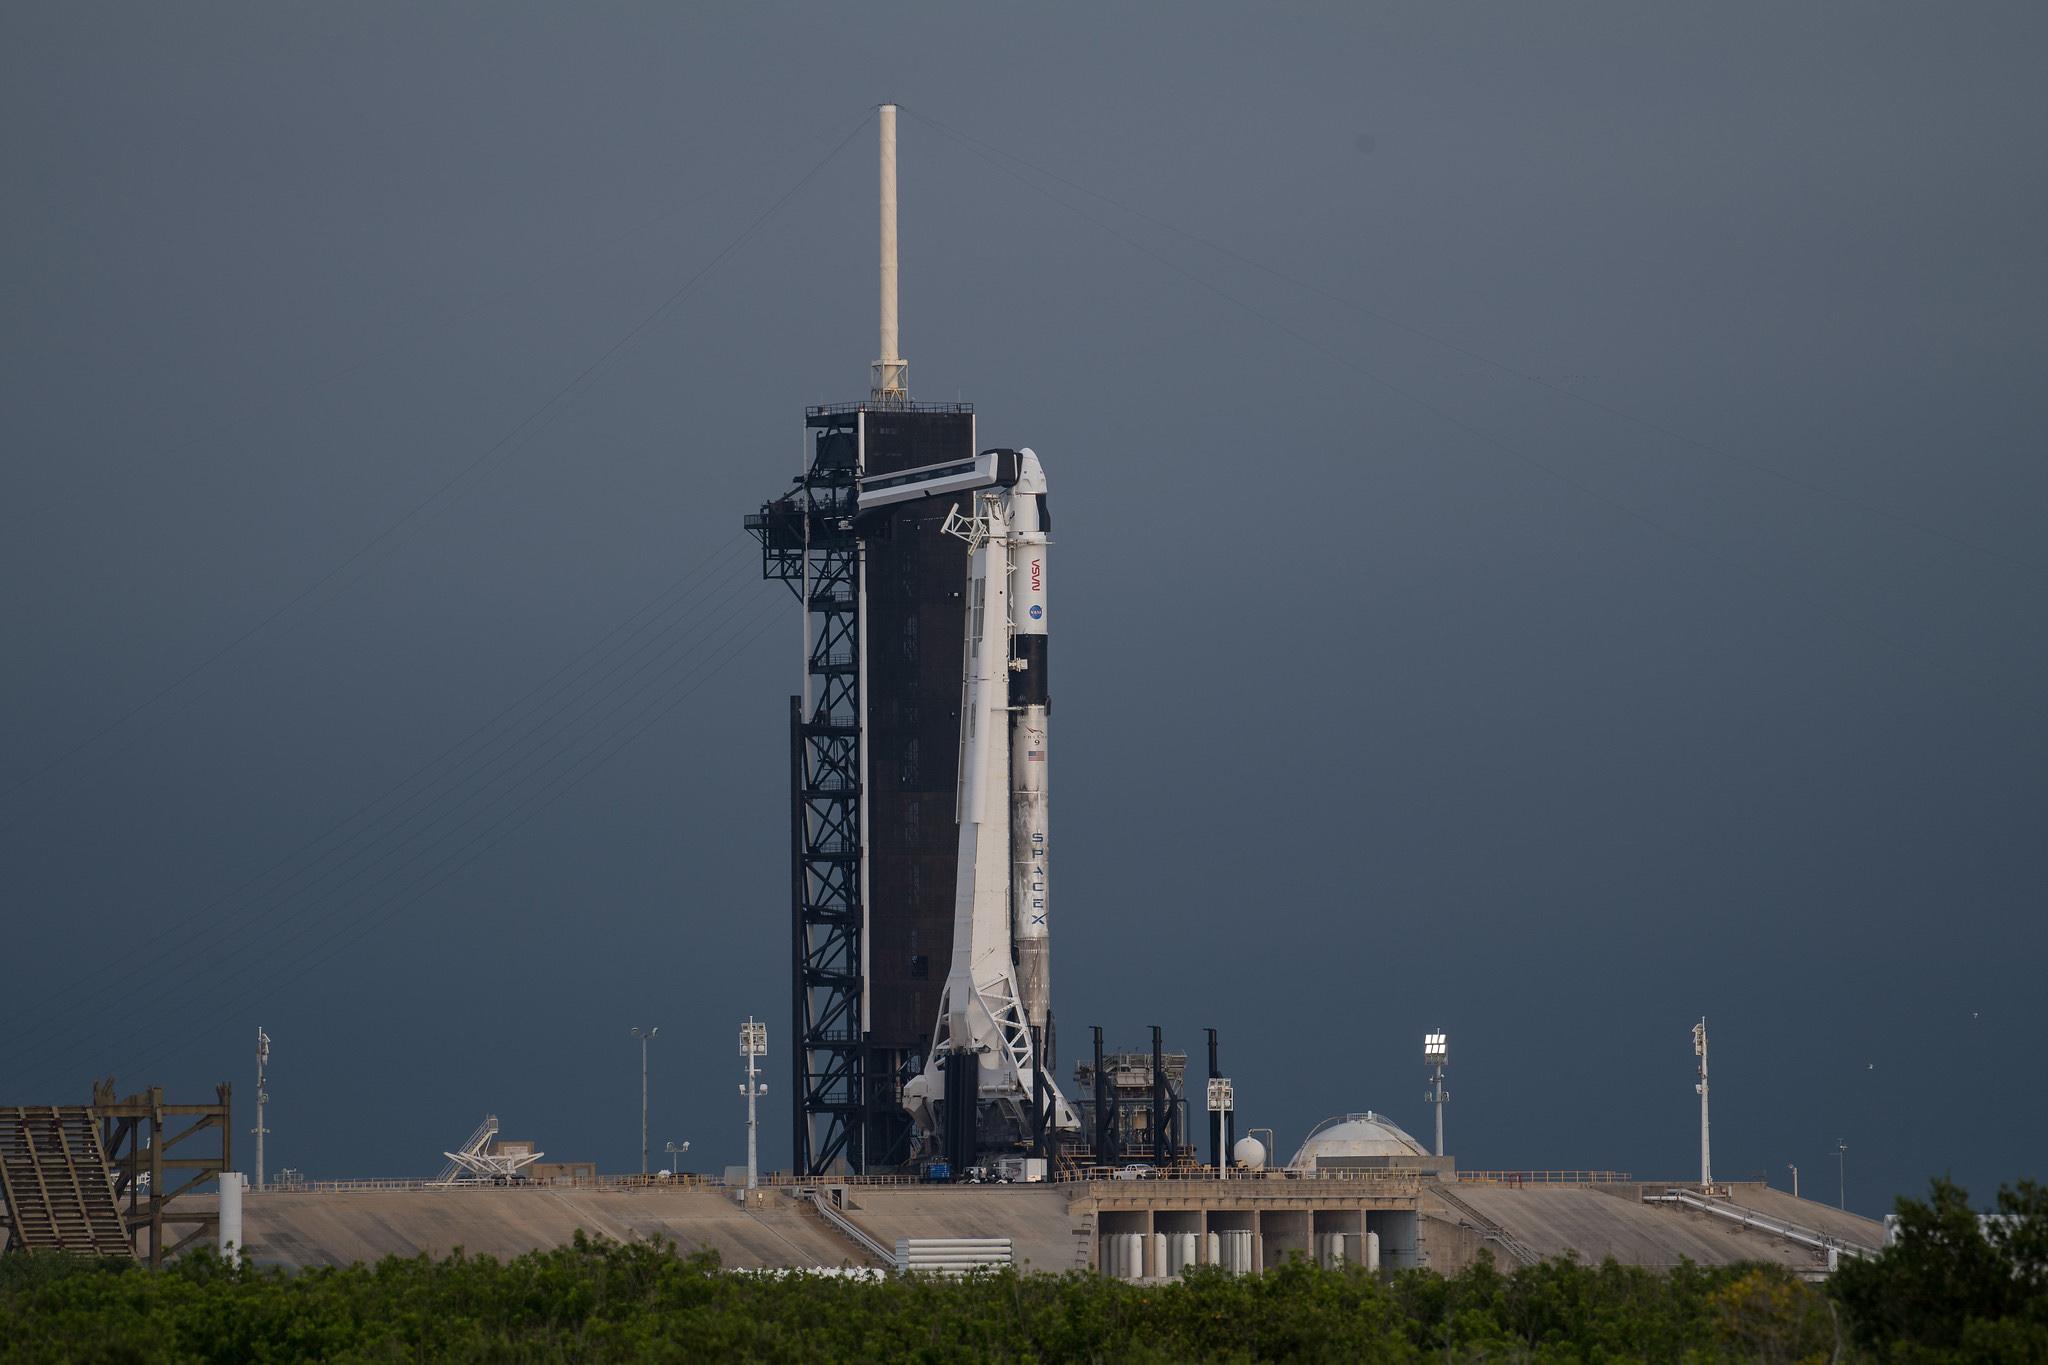 La fusée SpaceX Falcon 9 transportant le Crew Dragon Endeavour se dresse au sommet du Pad 39A du centre spatial Kennedy de la NASA à Cap Canaveral, en Floride, le 18 avril 2021. Elle lancera les astronautes Crew-2 vers la Station spatiale internationale le 23 avril.